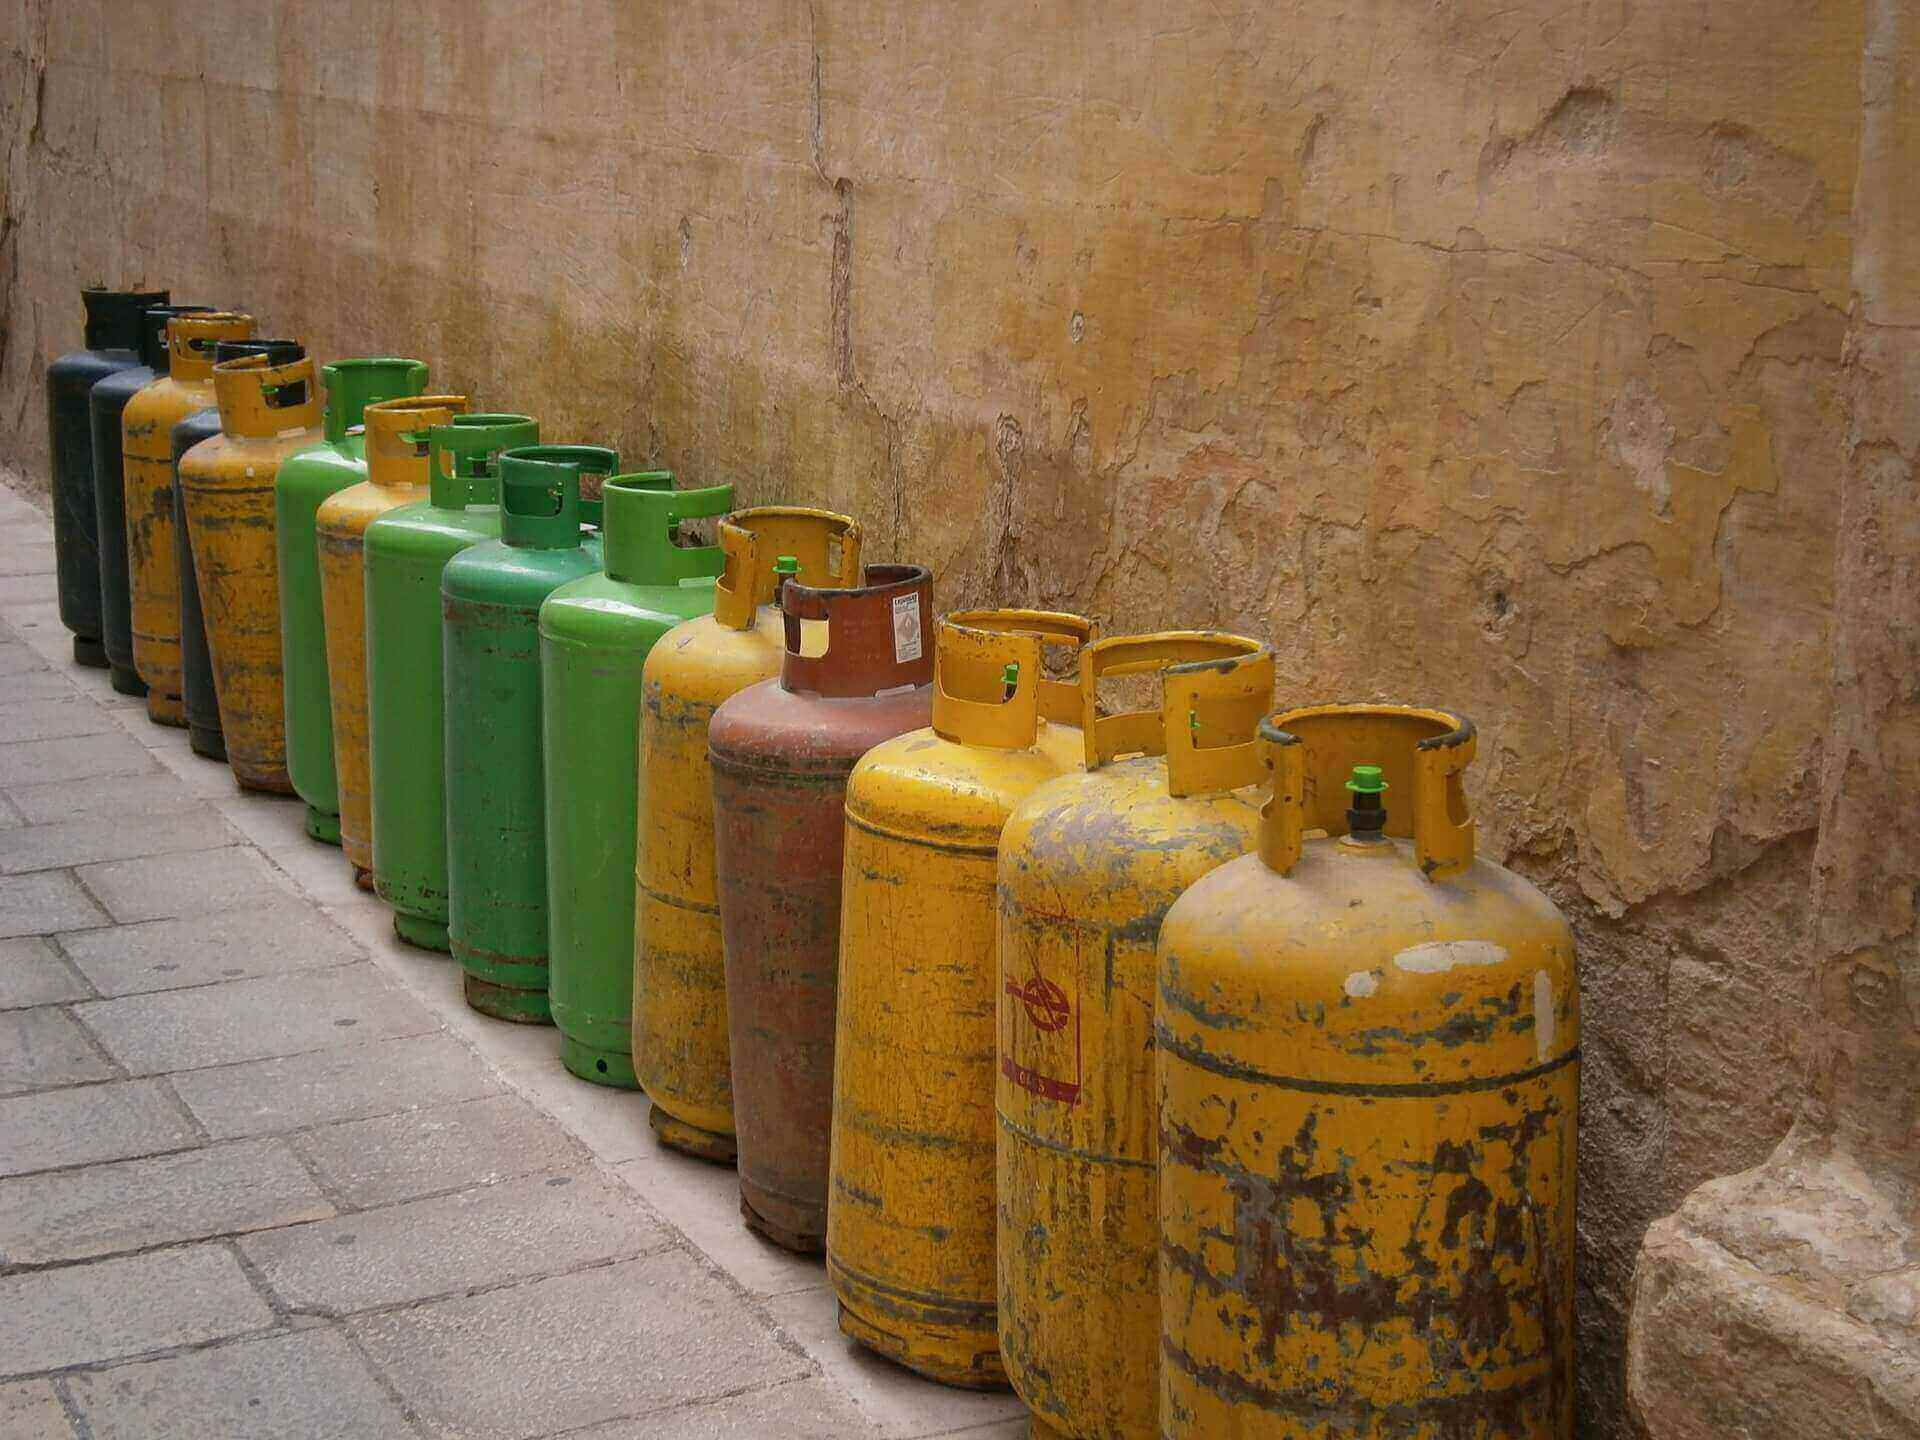 gas-bottle-94194_1920